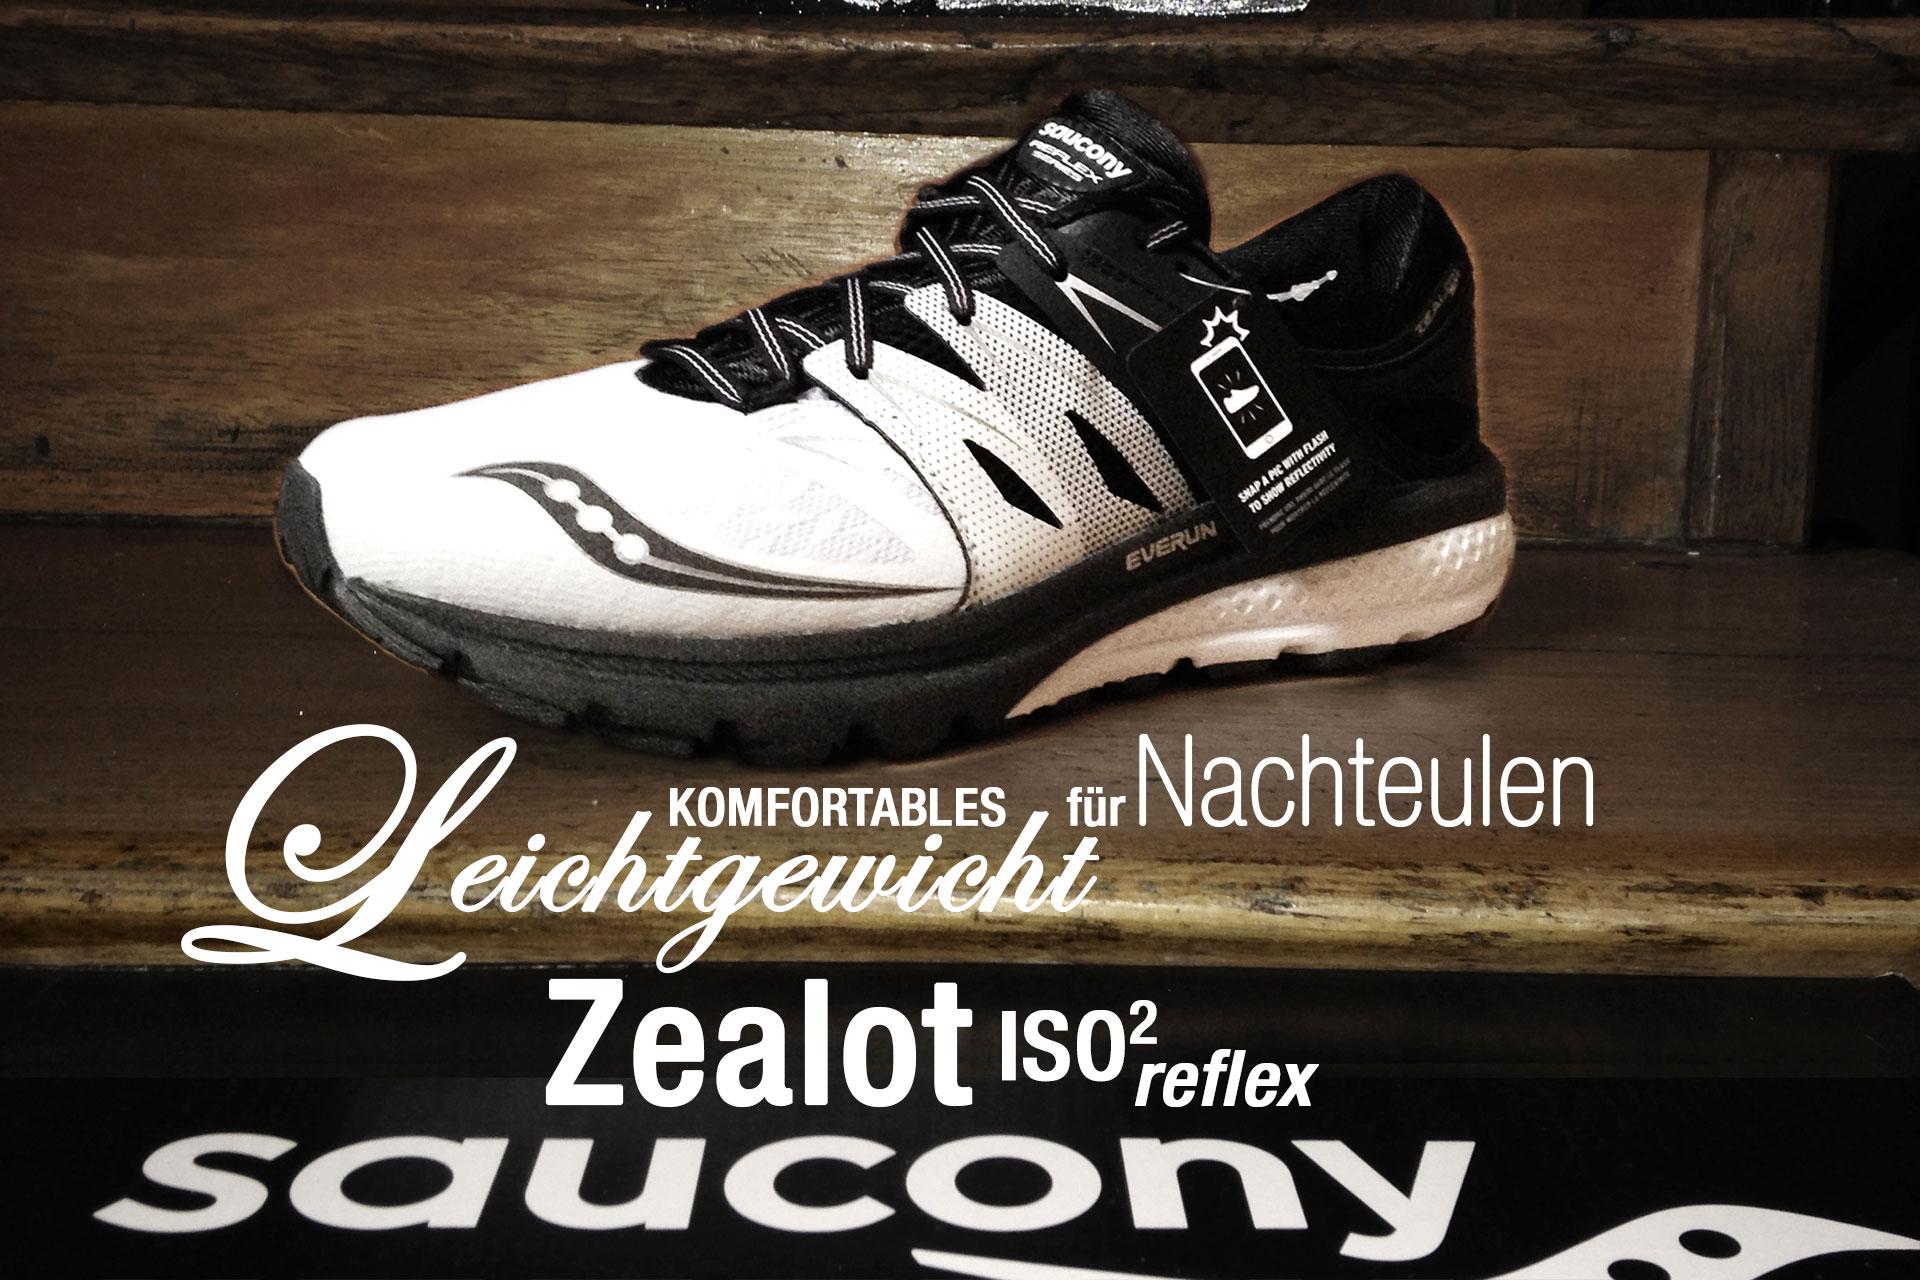 SAUCONY Zealot ISO 2 Reflex: Komfortables Leichtgewicht für Nachteulen / TITEL Eleganter Lightweight Trainer in Black-and-White mit optischem Highlight für die Dunkelheit